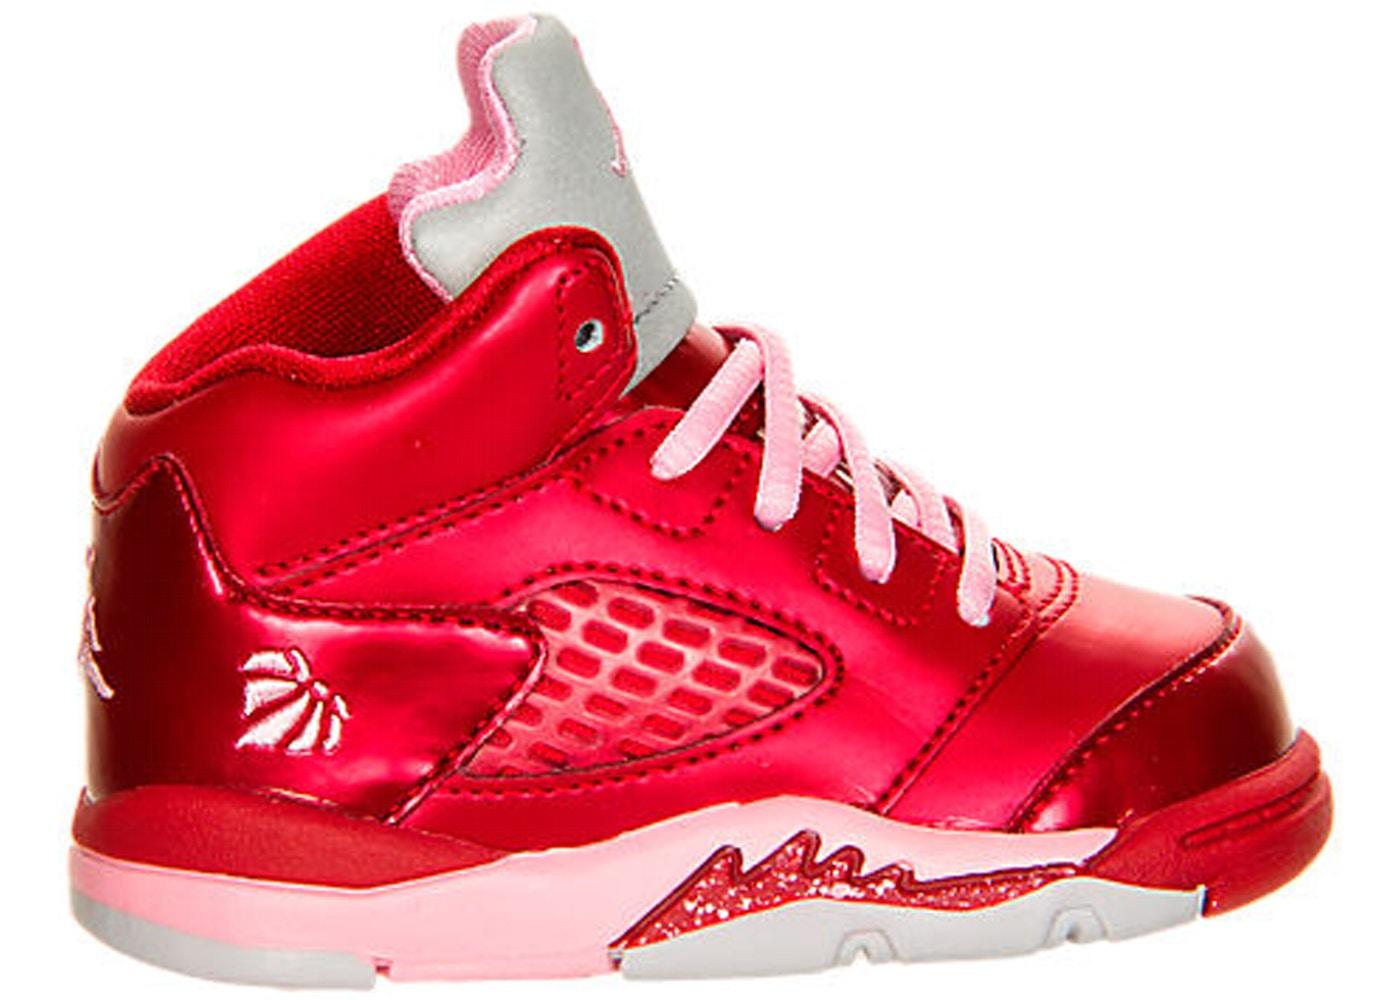 huge discount 8f8ad 77574 Air Jordan 5 Shoes - Volatility